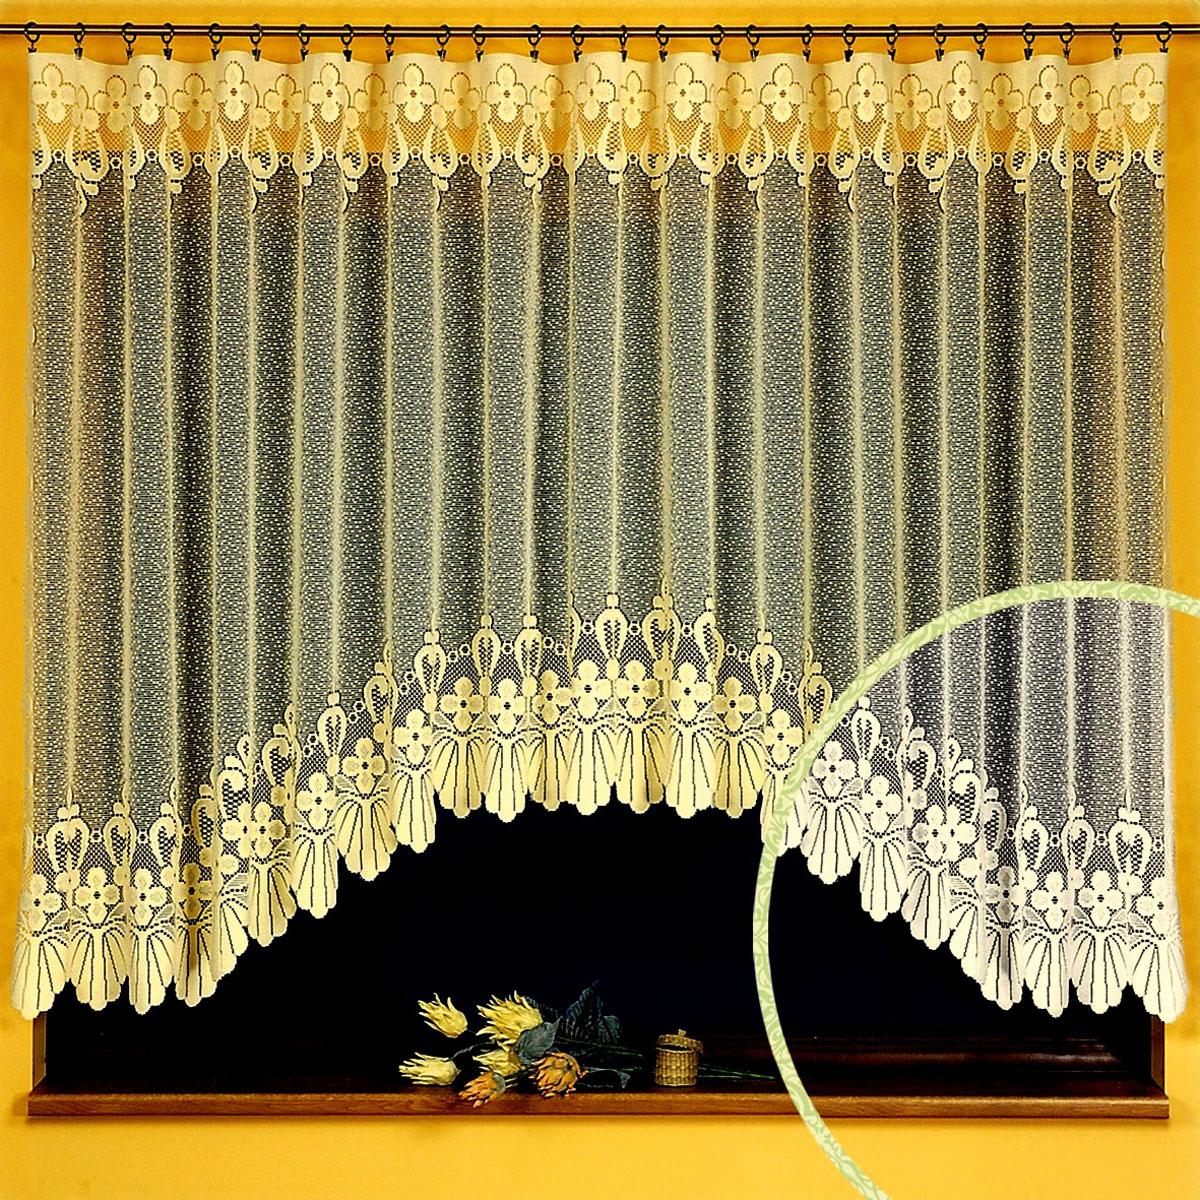 Гардина Ewa, цвет: кремовый, высота 150 см469918Гардина Ewa, выполненная из легкого полиэстера кремового цвета, станет великолепным украшением любого окна. Тонкое плетение, оригинальный дизайн и нежная цветовая гамма привлекут внимание и украсят интерьер помещения. Гардина крепится к карнизу только с помощью зажимов (в комплект не входят).